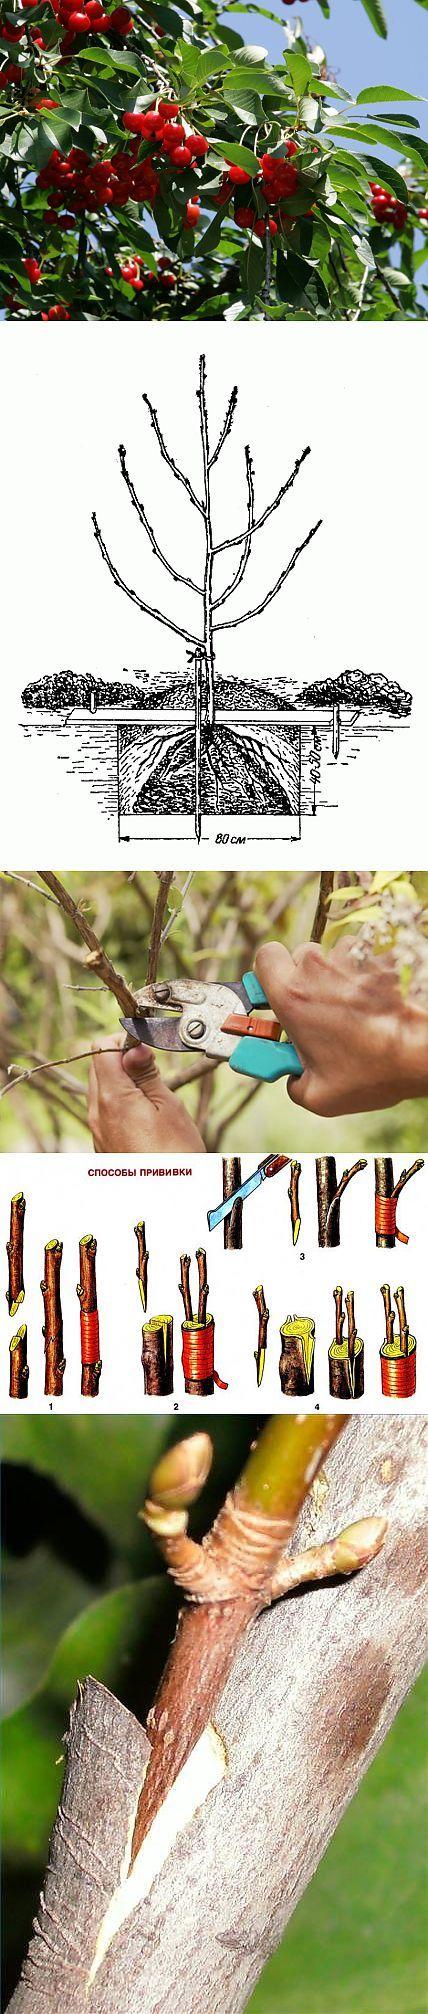 Размножение вишни. Посадка и уход за вишней. В этой статье уделим особ | Сад и огород | Постила